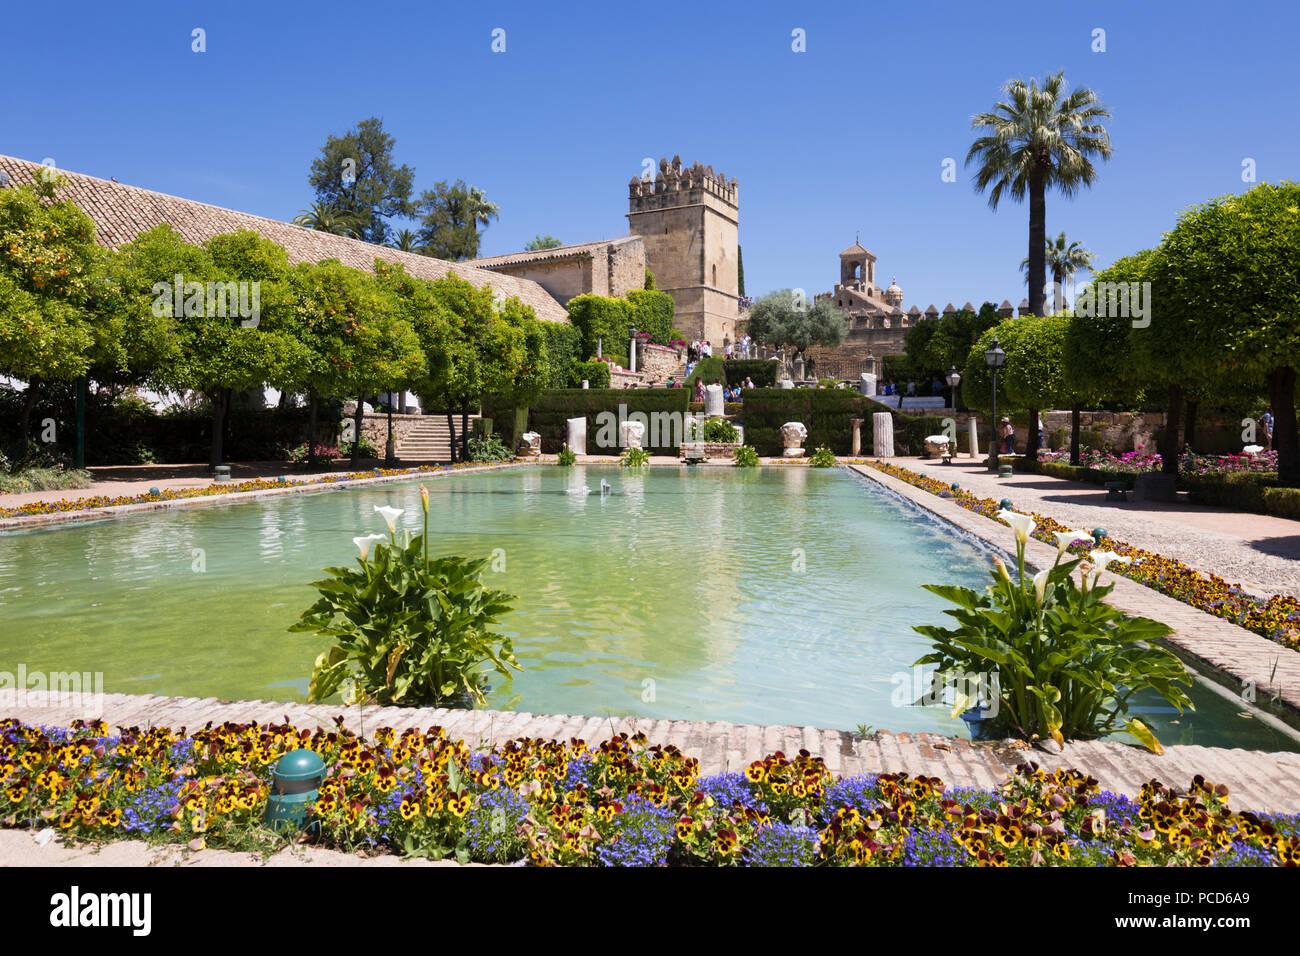 Giardini dell'Alcazar de los Reyes Cristianos, Sito Patrimonio Mondiale dell'UNESCO, Cordoba, Andalusia, Spagna, Europa Immagini Stock